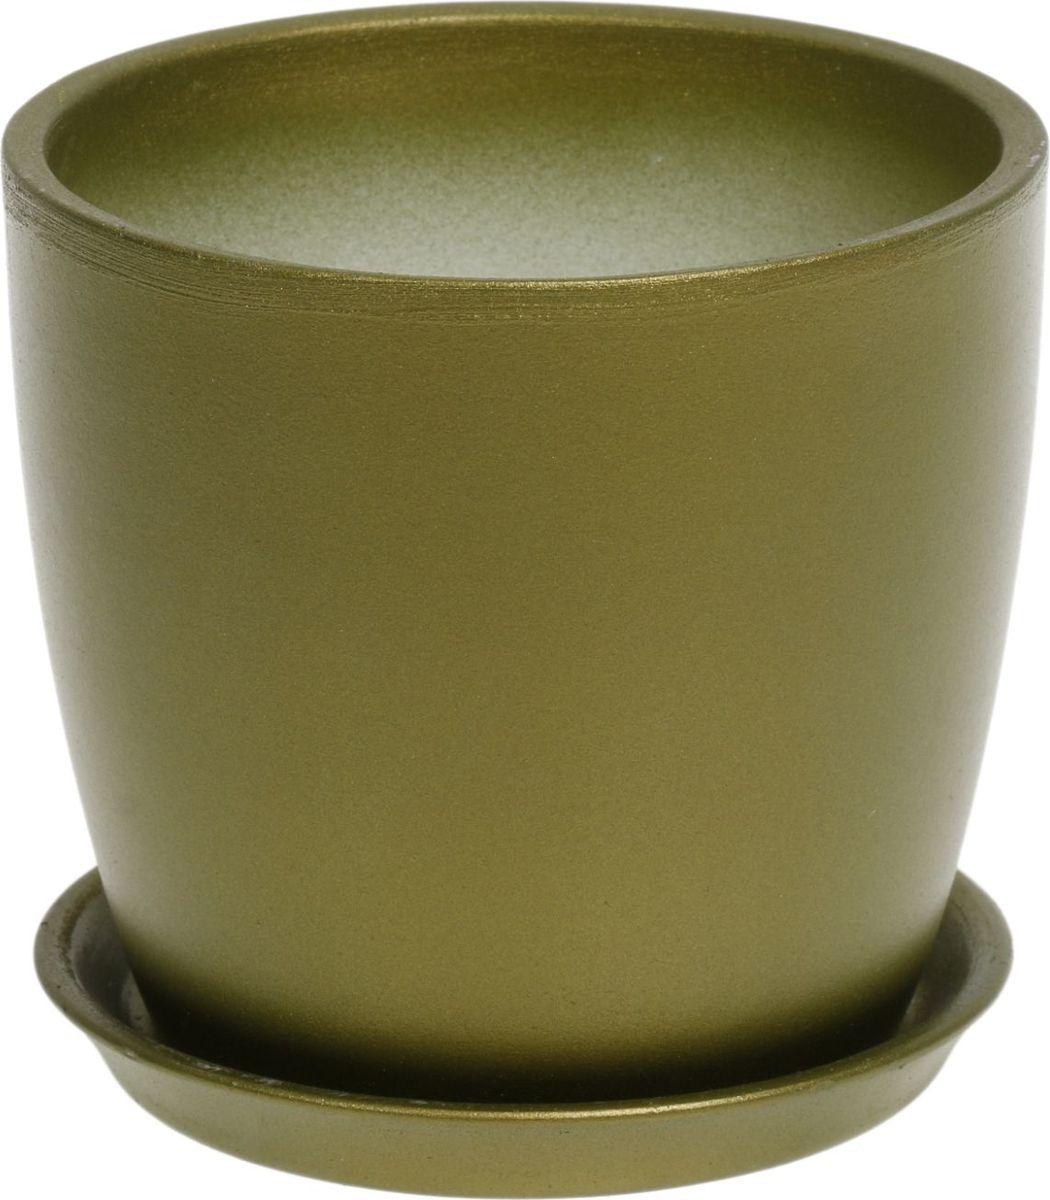 Кашпо Керамика ручной работы Осень, цвет: темно-зеленый, 0,5 л1062699Комнатные растения — всеобщие любимцы. Они радуют глаз, насыщают помещение кислородом и украшают пространство. Каждому из них необходим свой удобный и красивый дом. Кашпо из керамики прекрасно подходят для высадки растений: за счёт пластичности глины и разных способов обработки существует великое множество форм и дизайновпористый материал позволяет испаряться лишней влагевоздух, необходимый для дыхания корней, проникает сквозь керамические стенки! #name# позаботится о зелёном питомце, освежит интерьер и подчеркнёт его стиль.